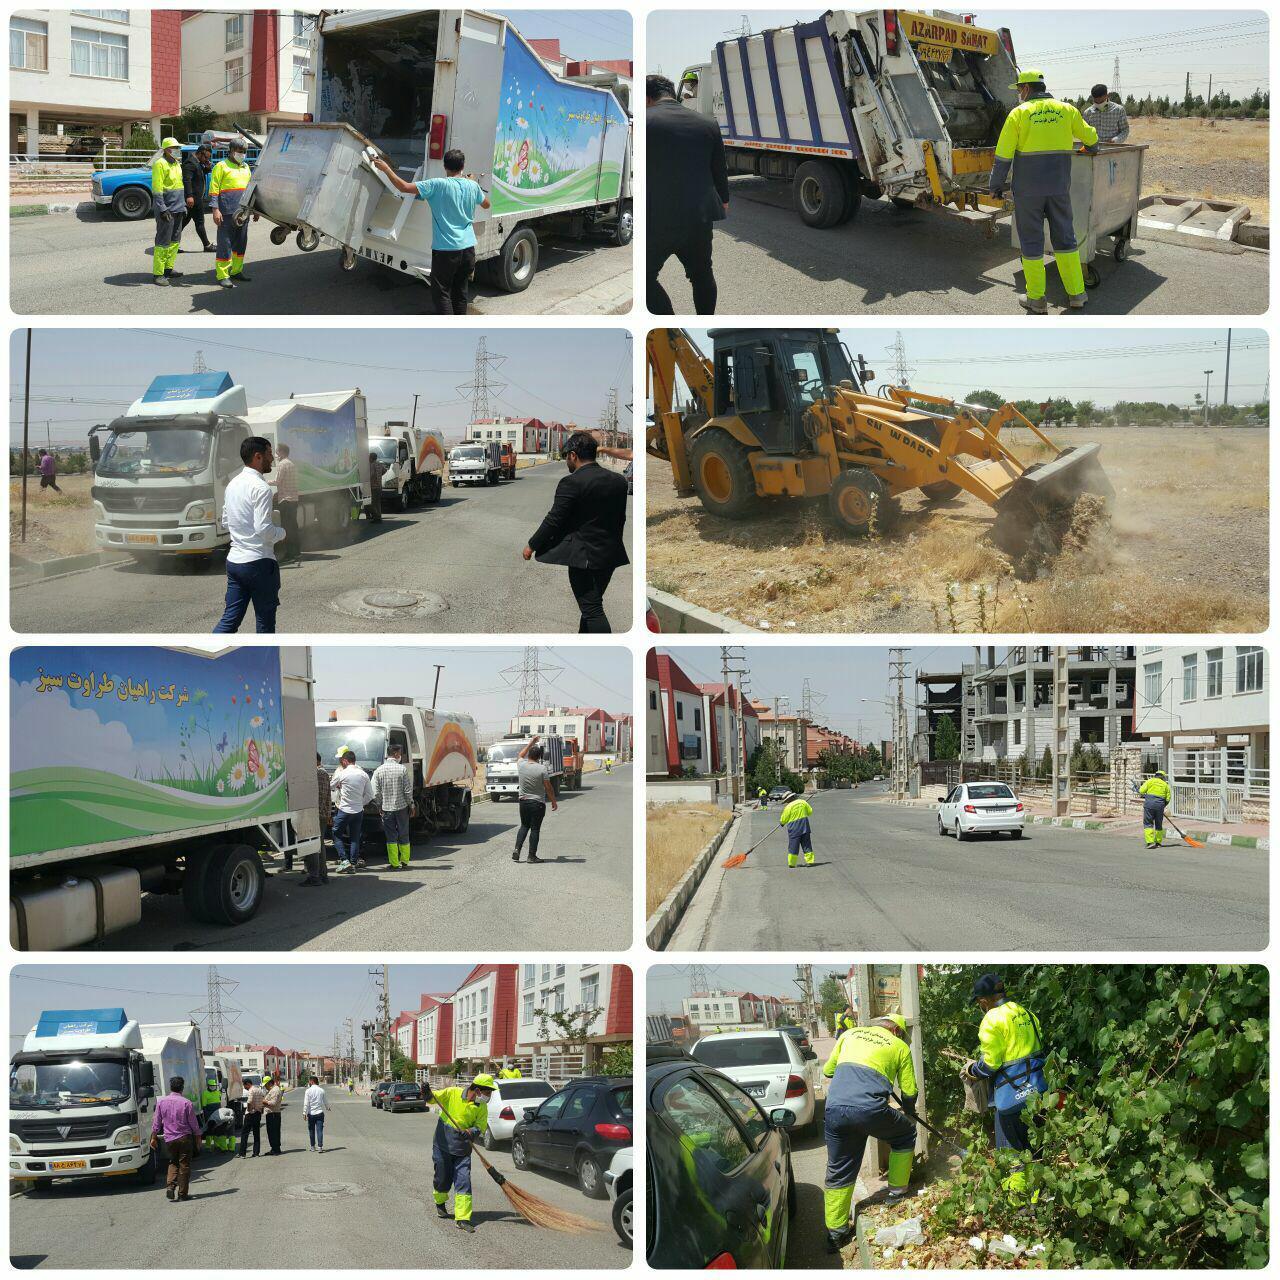 طرح پاکسازی محله به محله و جمع آوری نخاله در فاز صفر شهر پرند